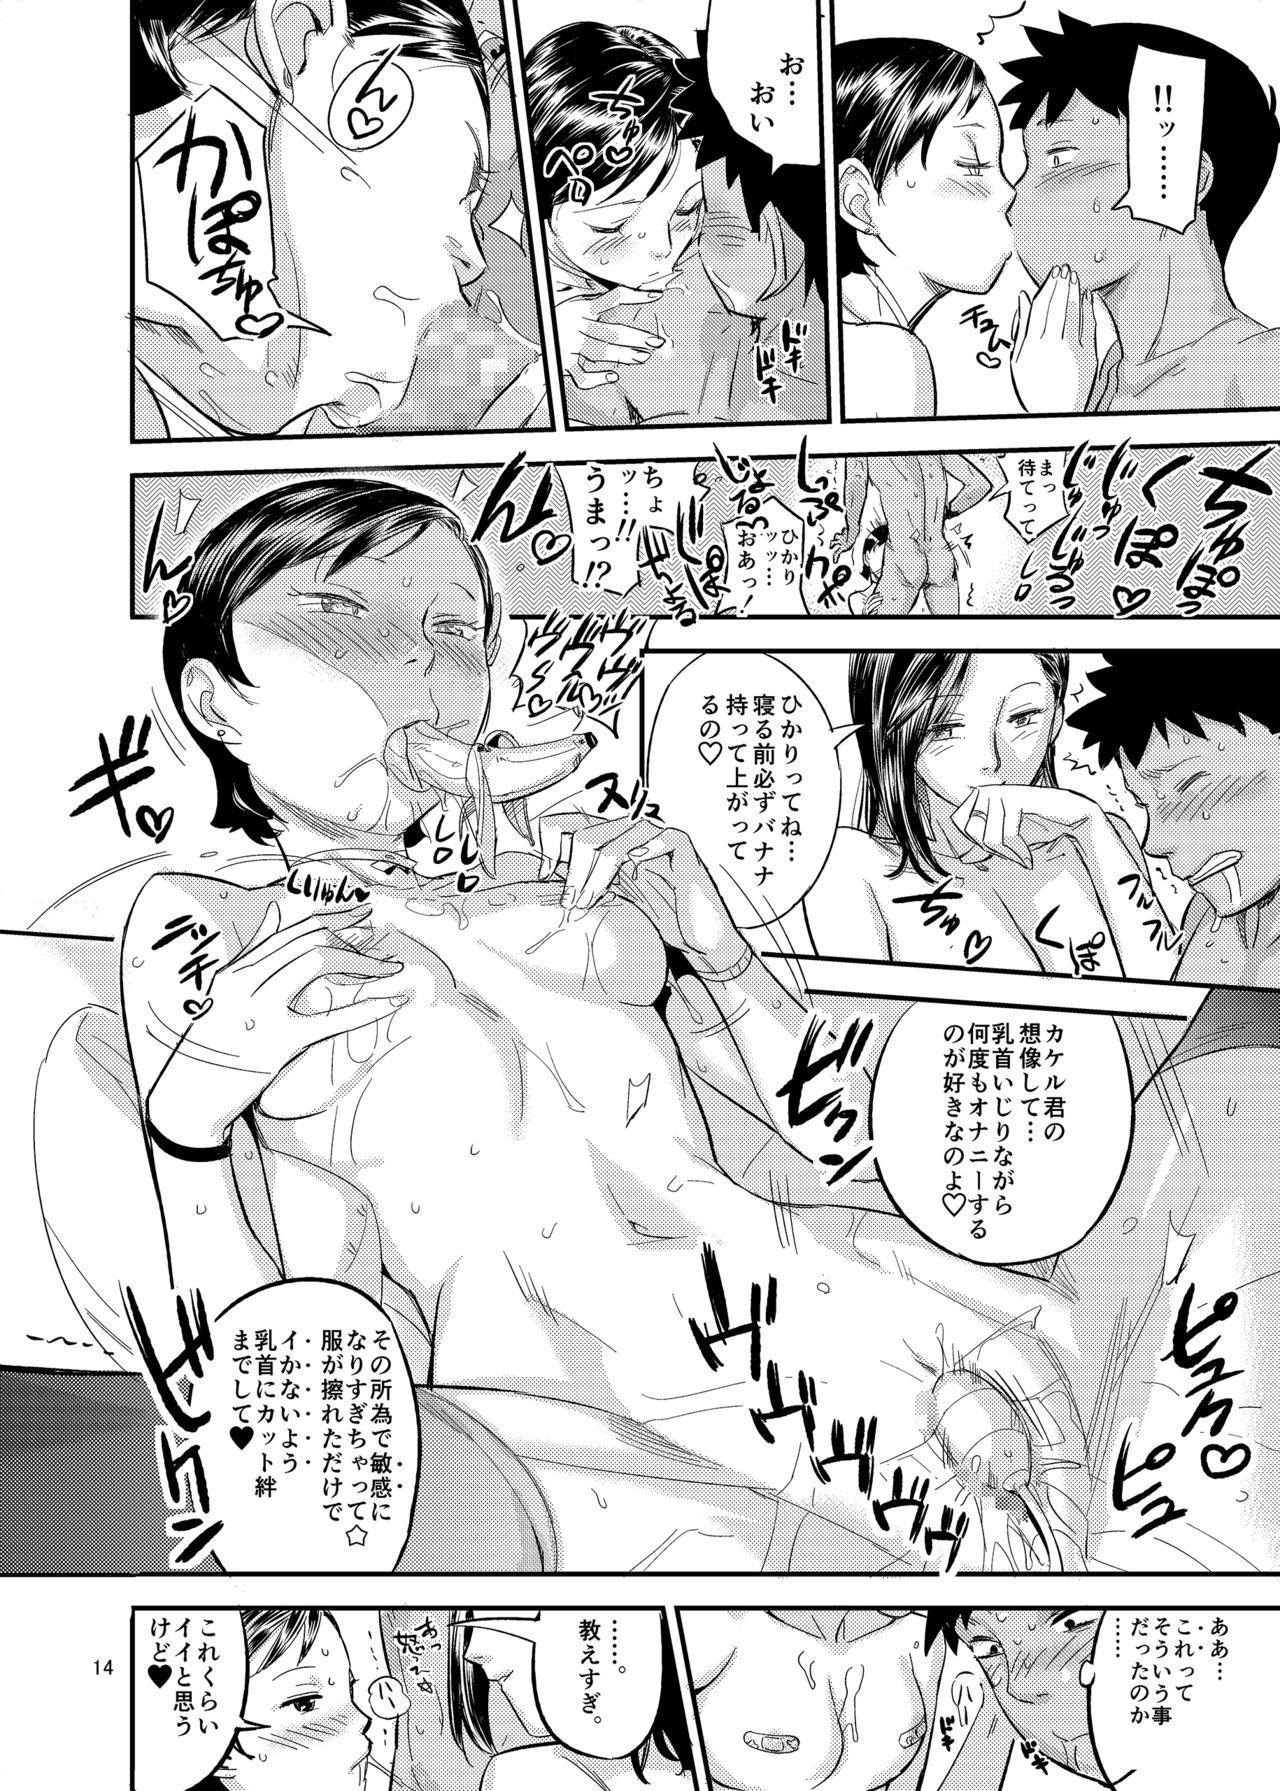 Hikari no Housoku 13